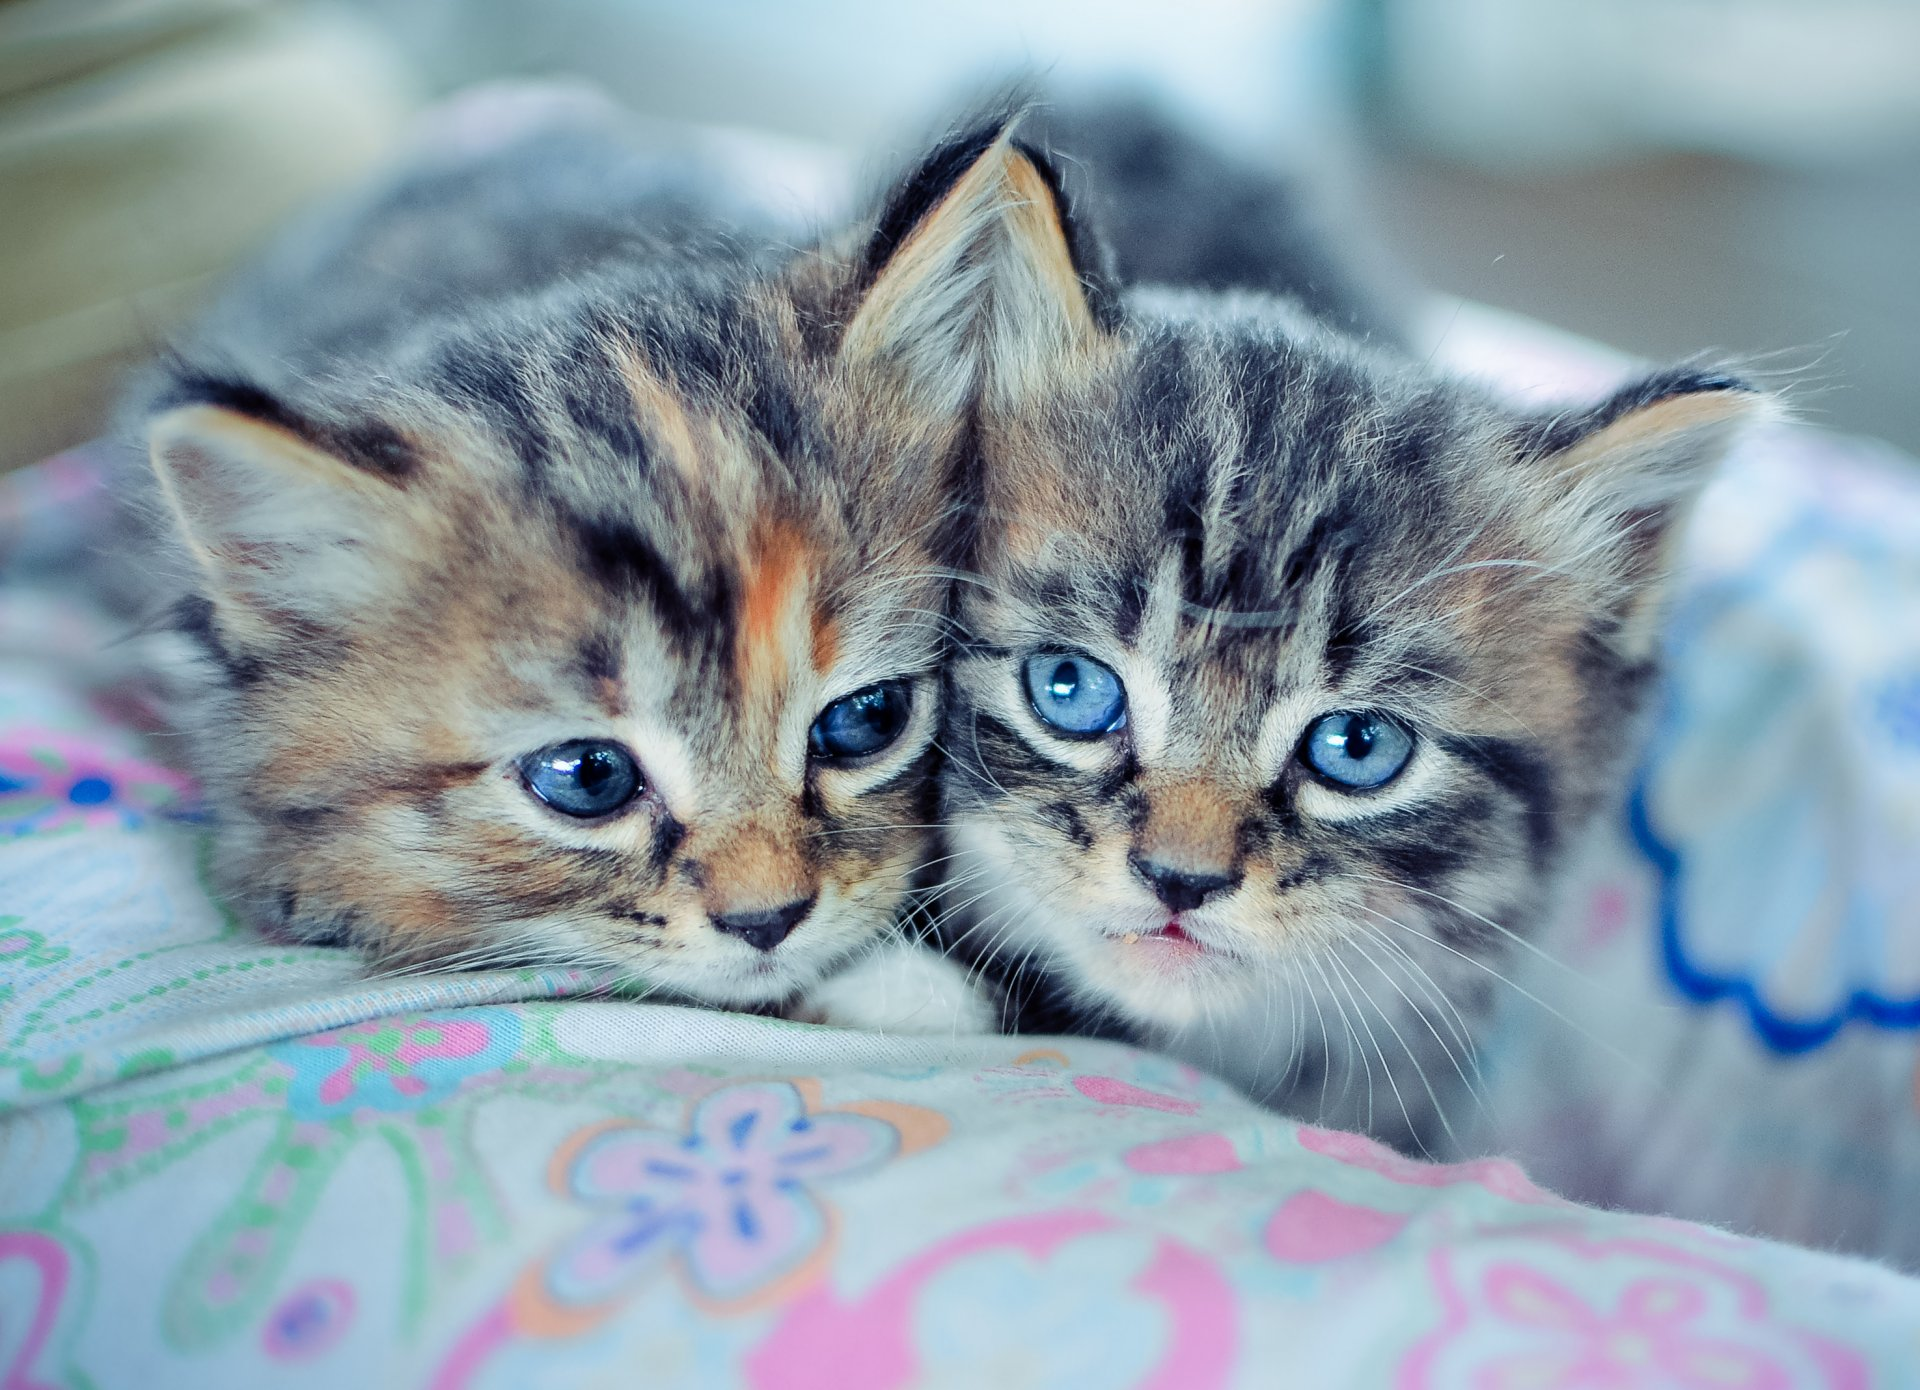 Разные, милые и красивые картинки животных